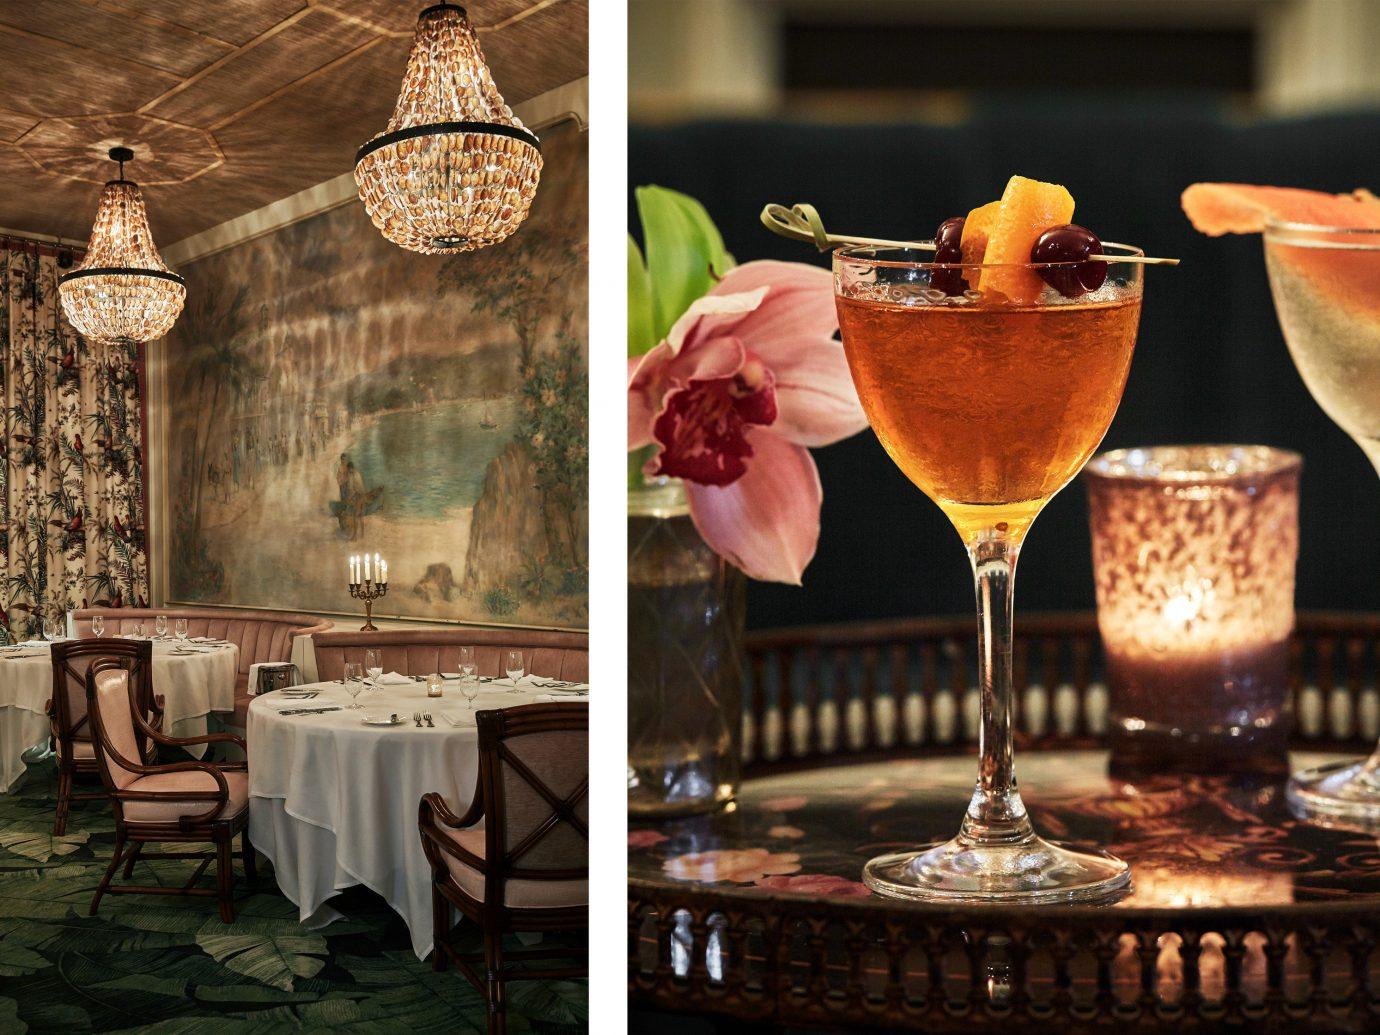 Food + Drink indoor wine glass room restaurant meal Drink Bar several